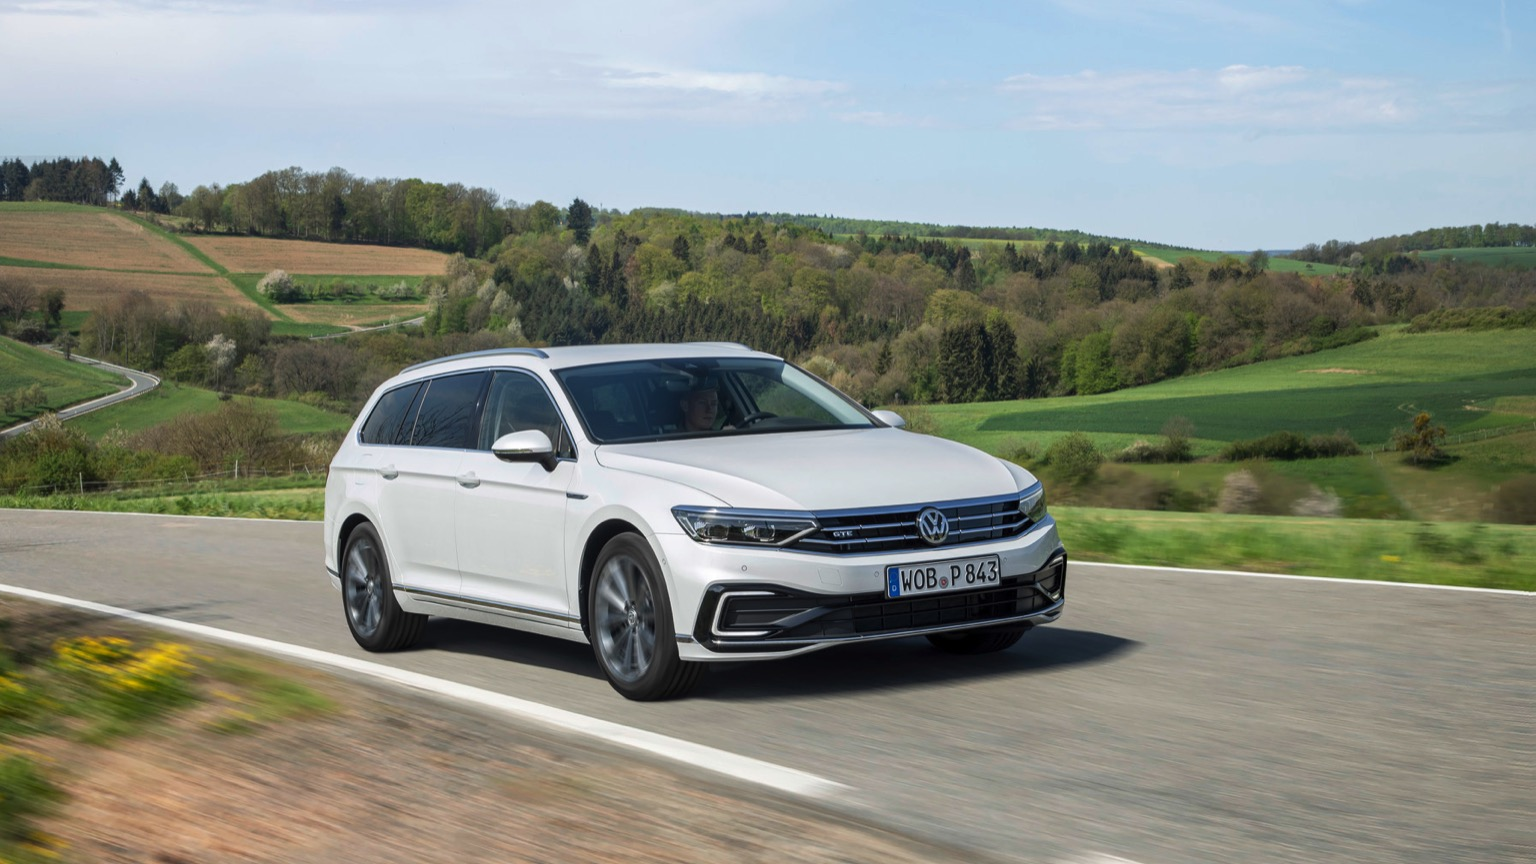 Volkswagen Passat GTE Variant (2019)